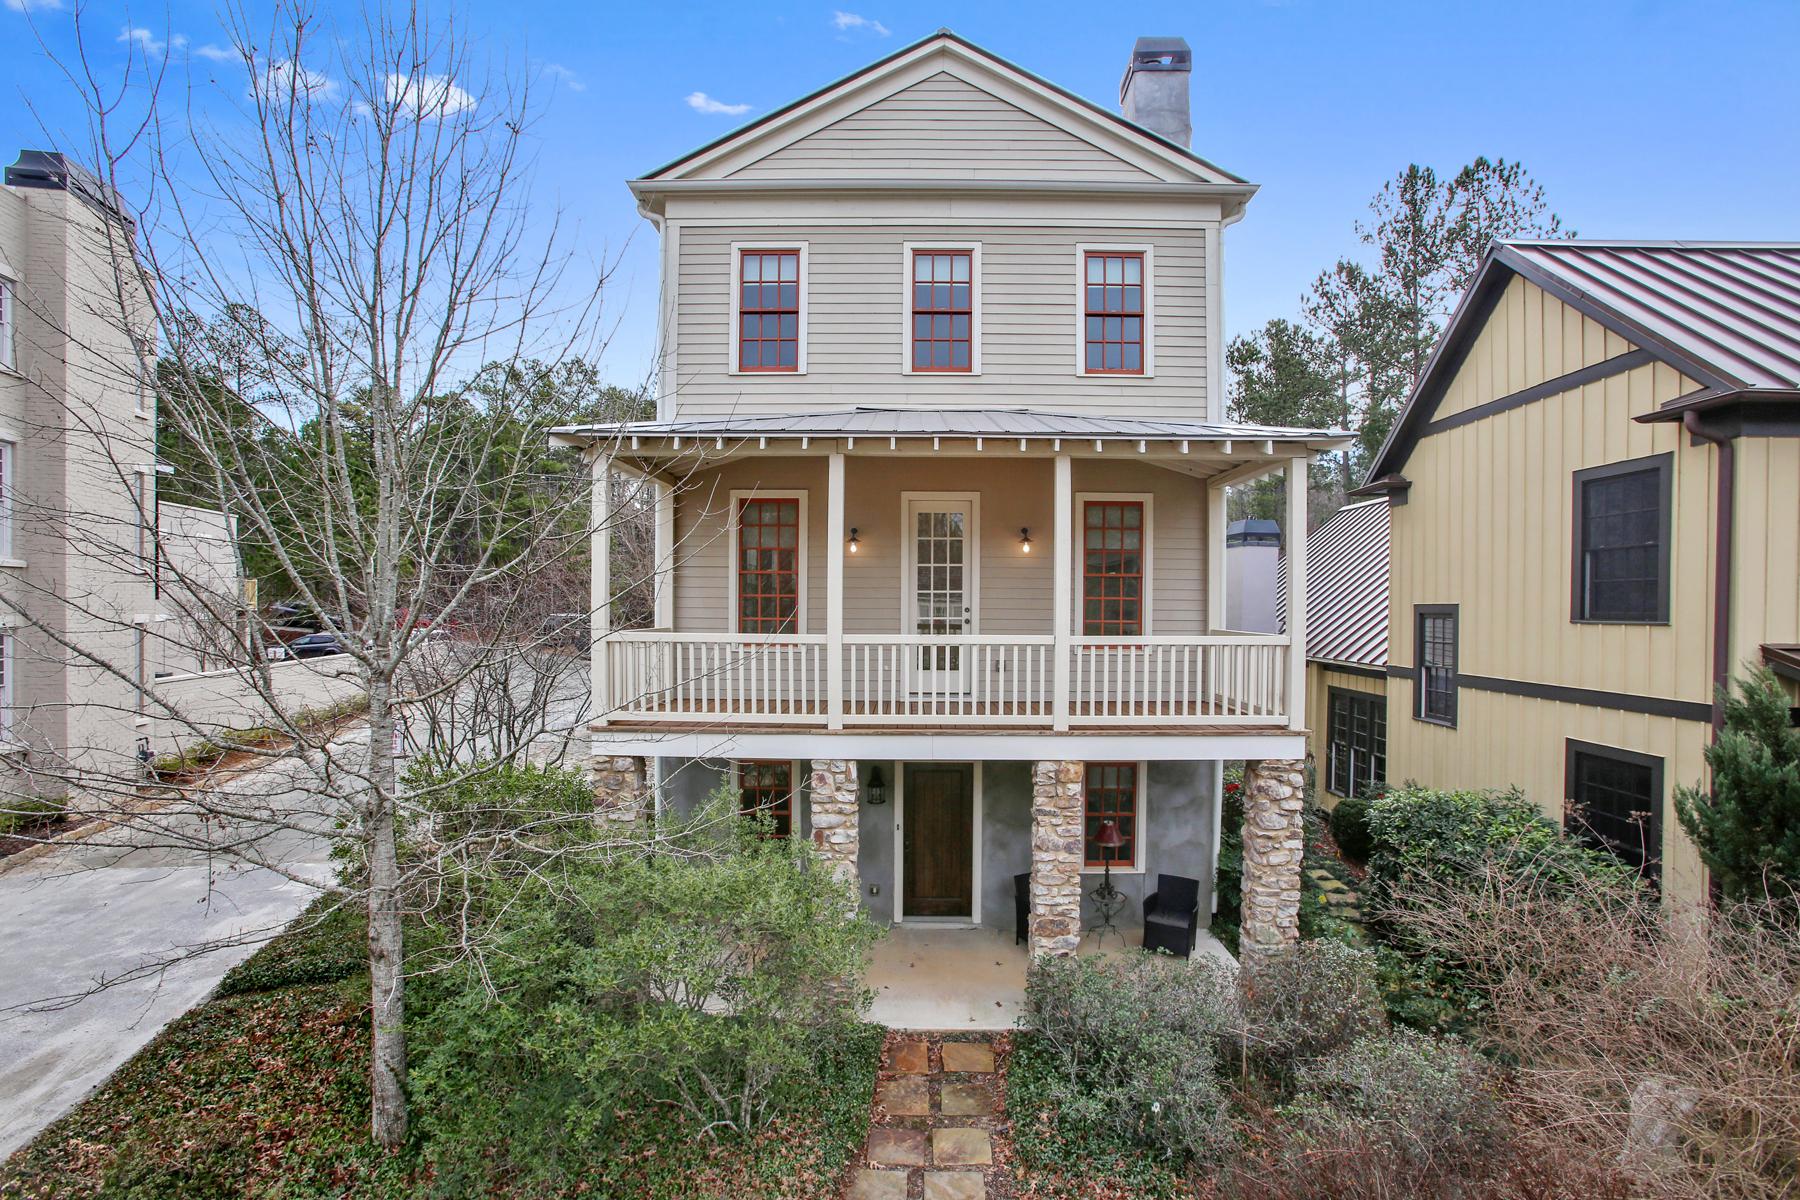 一戸建て のために 売買 アット Inviting Serenbe Cottage in the Highly Sought-After Selborne Area 9134 Selborne Lane Chattahoochee Hills, ジョージア, 30268 アメリカ合衆国